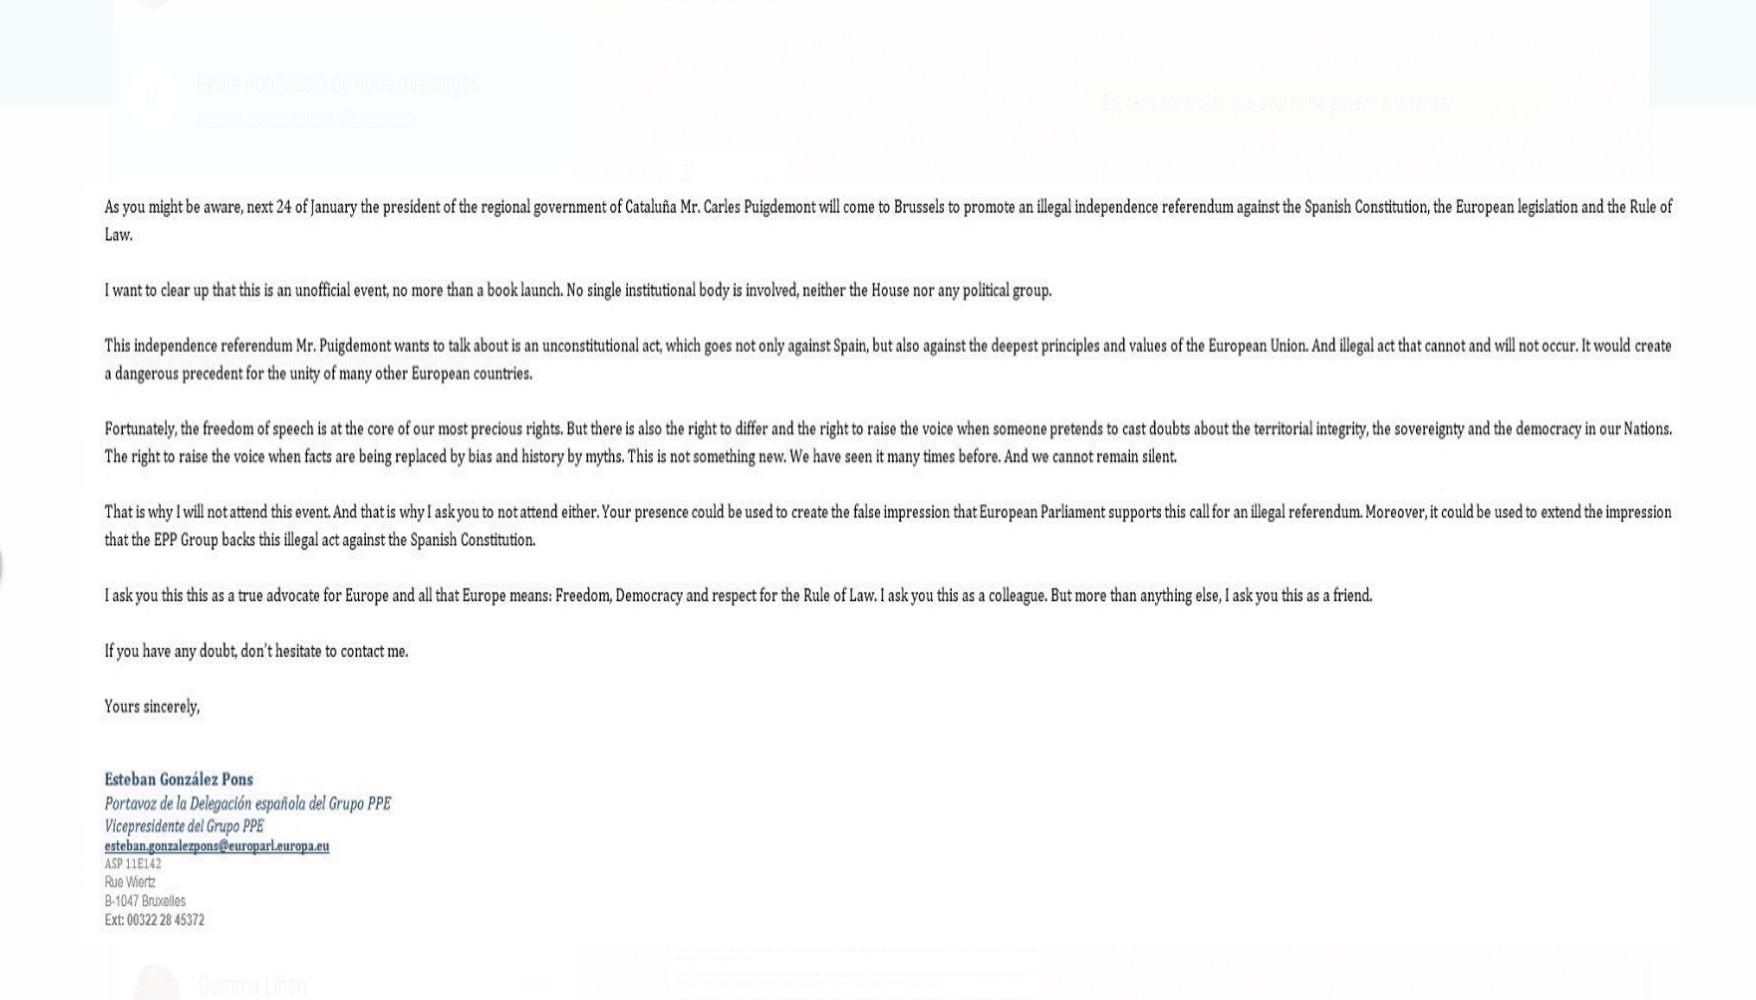 Carta de esteban González Pons a los populares europeus sobre la conferencia de Puigdemont. lasvocesdelpueblo